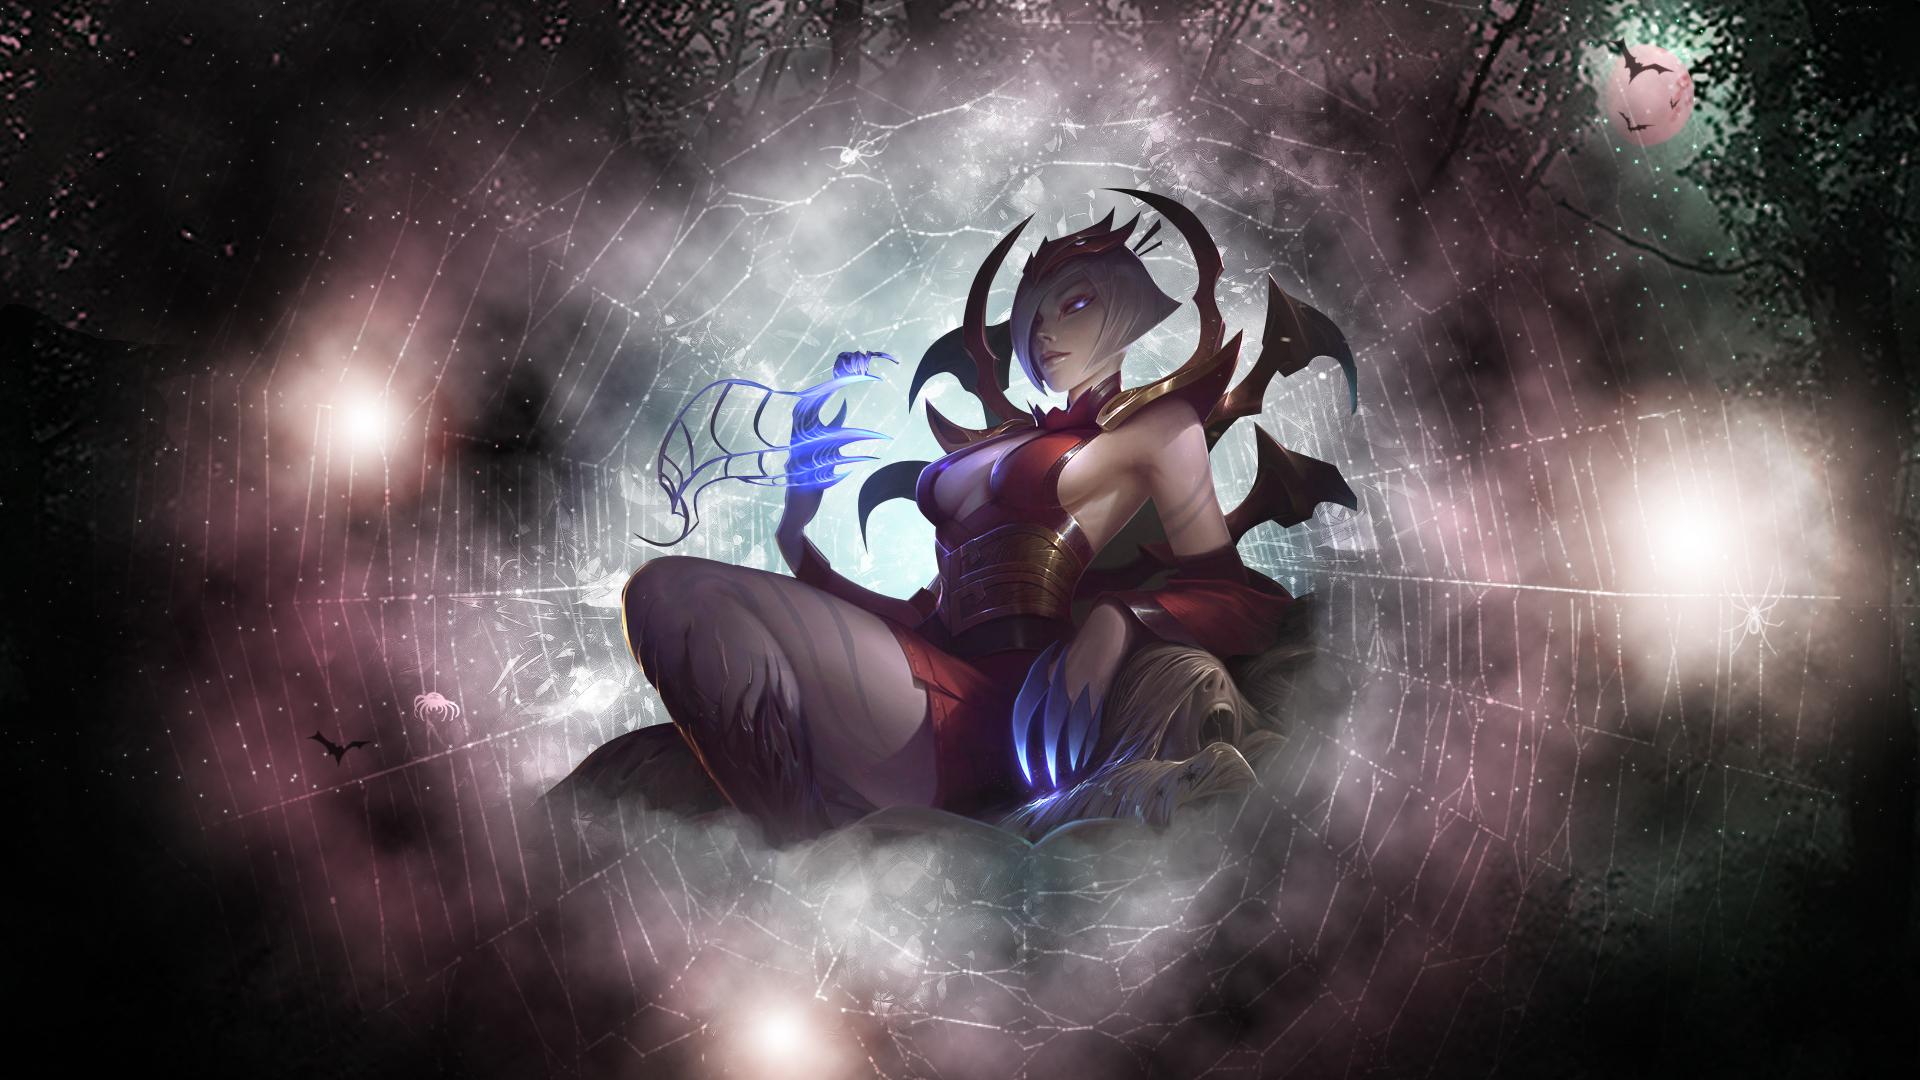 Blood Moon Elise v3 Fan Art - League of Legends Wallpapers